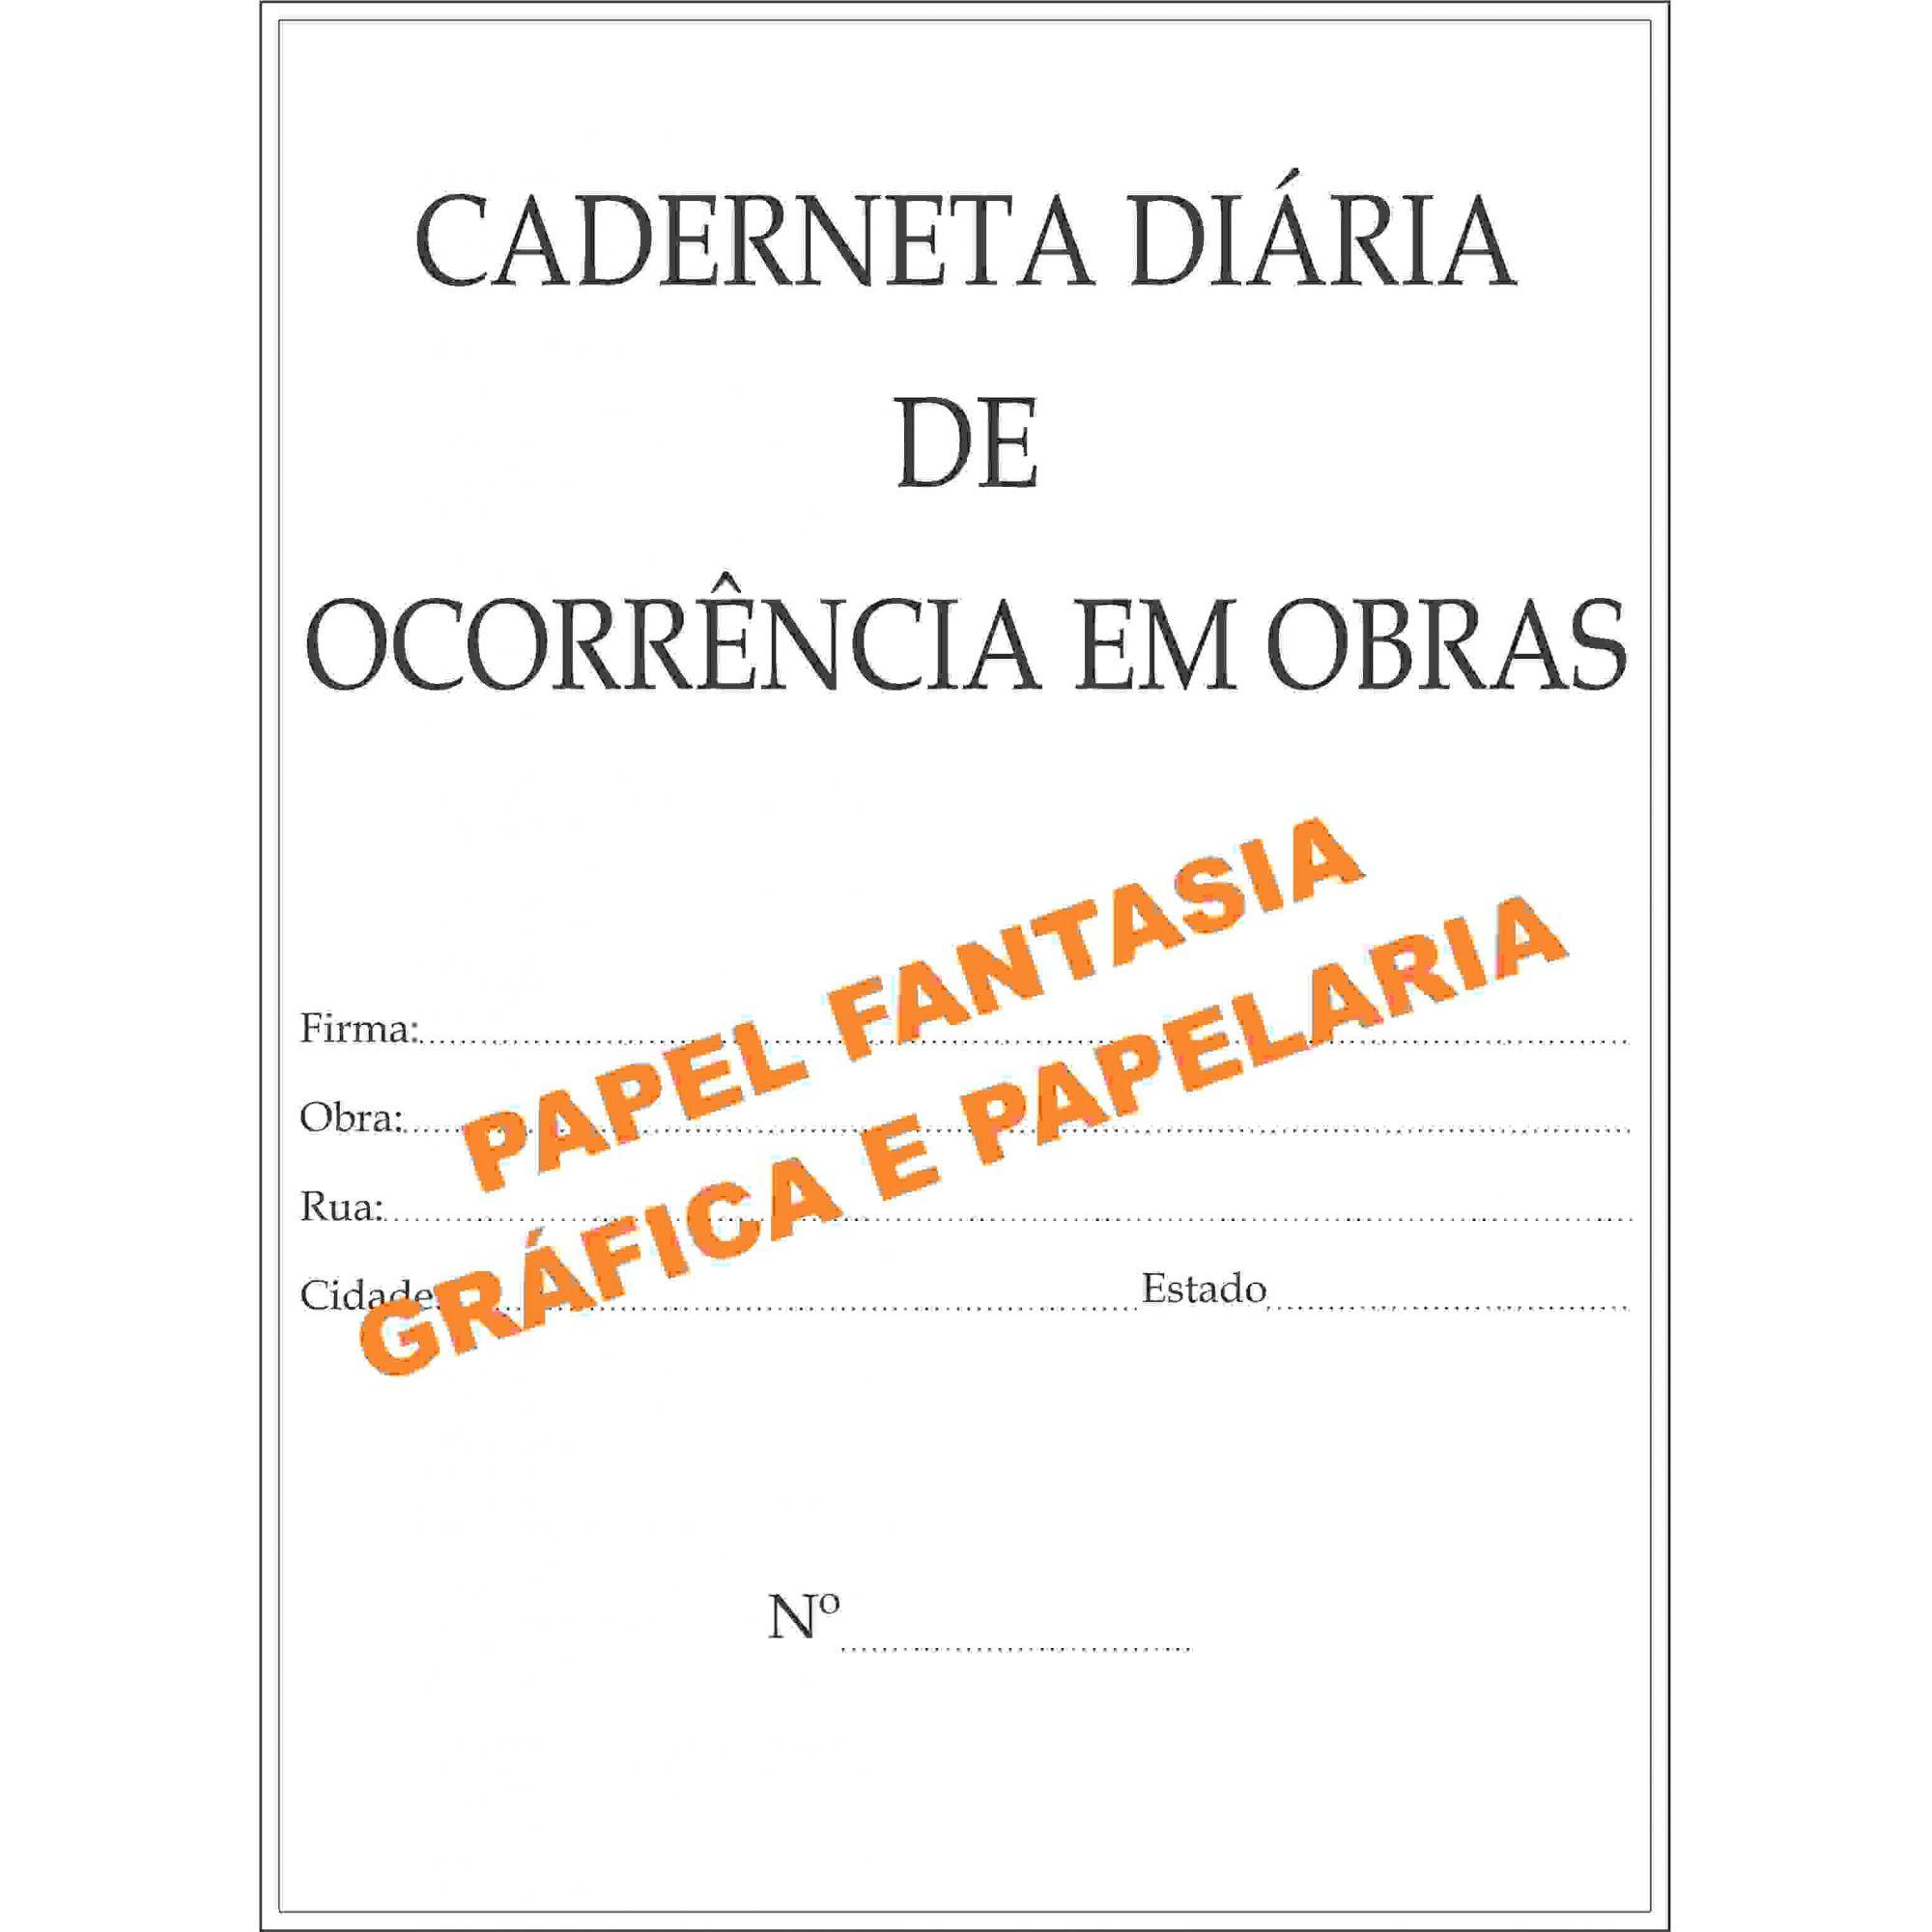 Caderneta Diário de obra 50  x  2 ( Papel Auto Copiativo ) (Papelfantasia)